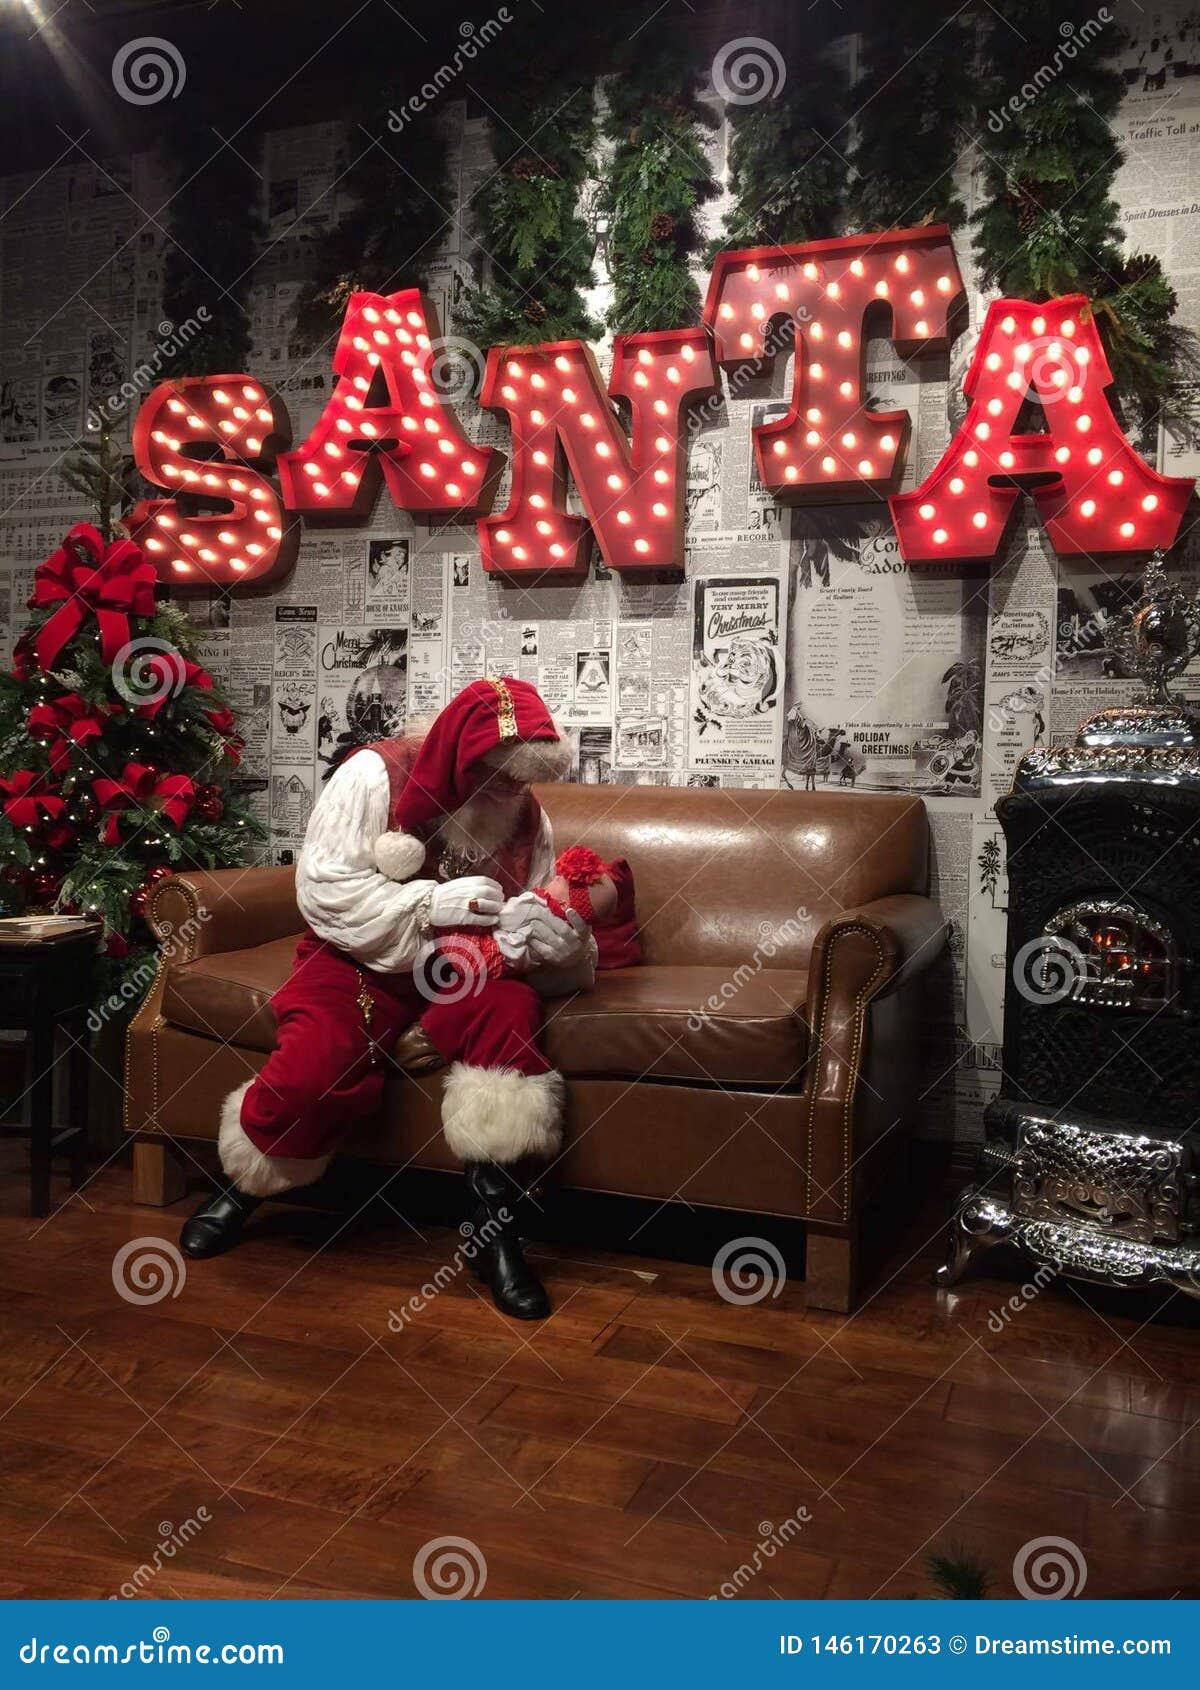 Santa Claus is comin ta town